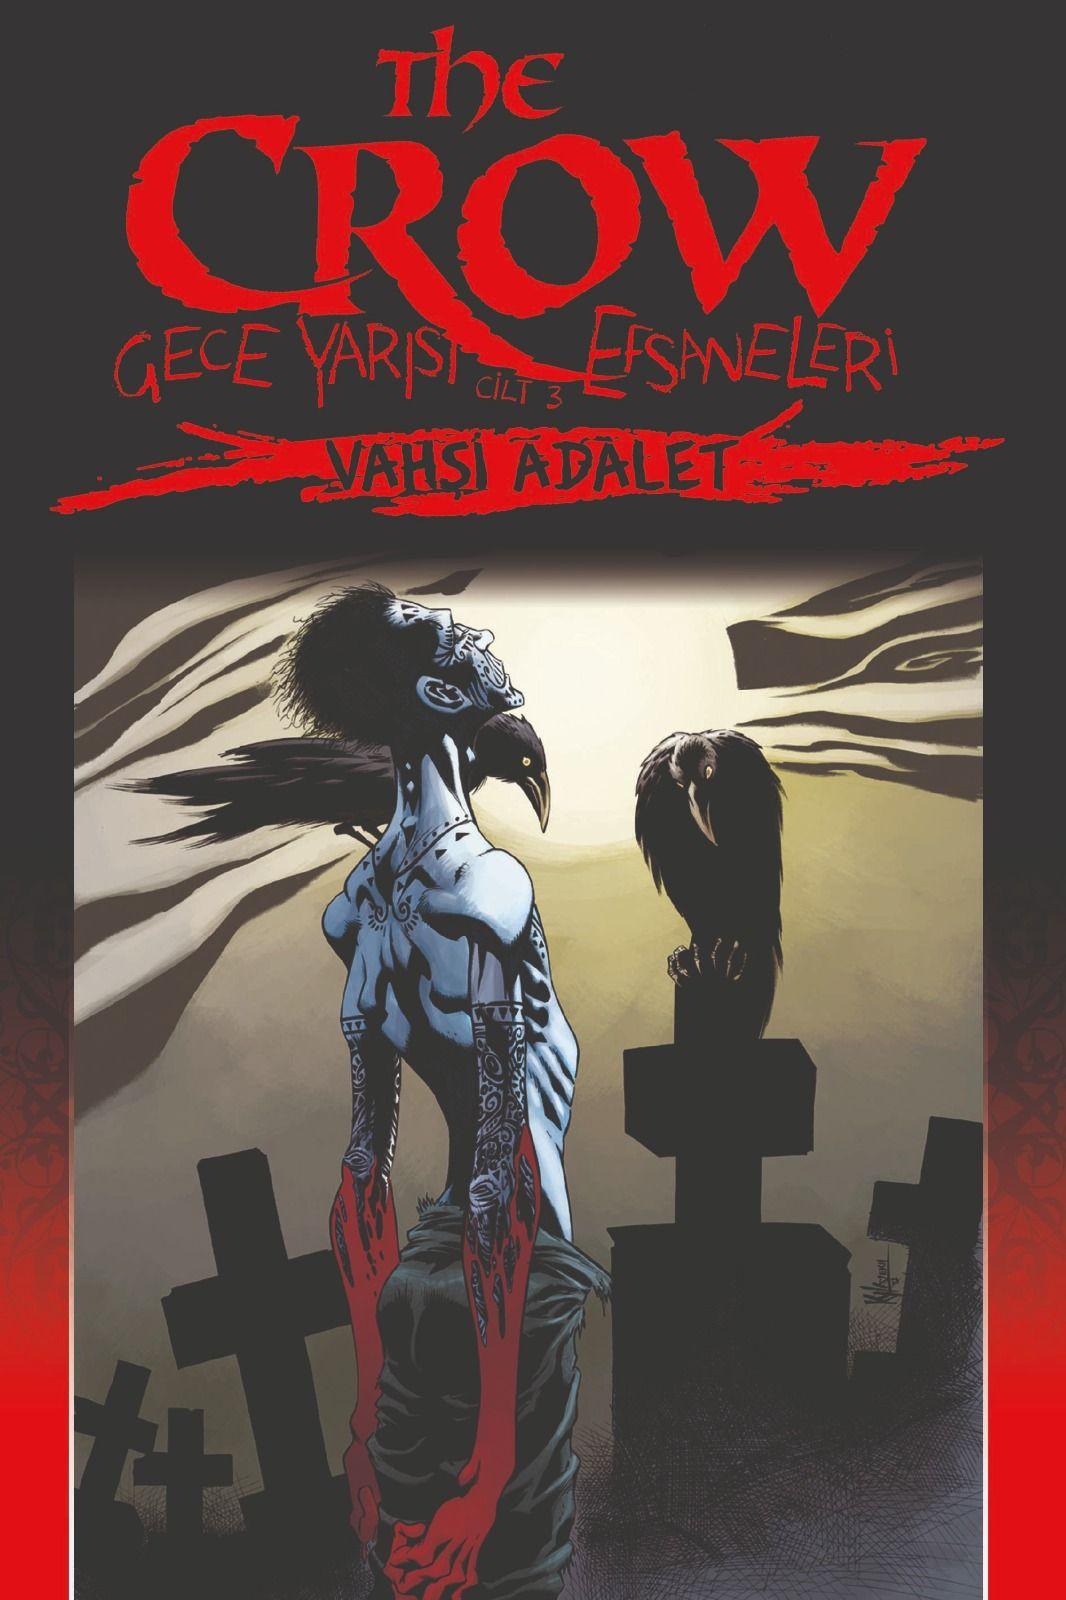 The Crow: Gece Yarısı Efsaneleri Cilt 3 - Vahşi Adalet